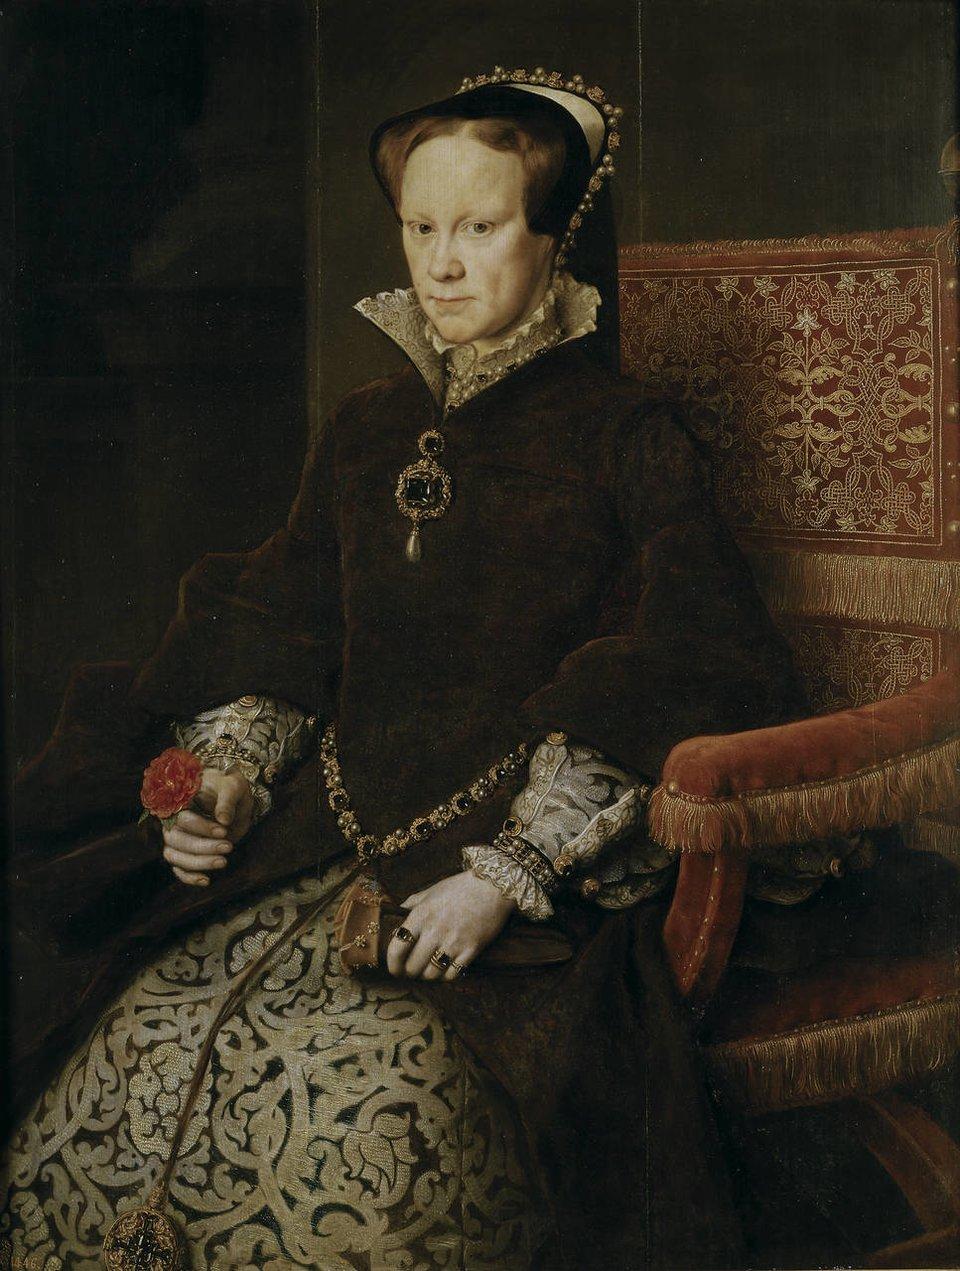 PortretMarii I, królowej Anglii PortretMarii I, królowej Anglii Źródło: Antonis Mor, 1554, olej na drewnie, El Museo Nacional del Prado, domena publiczna.